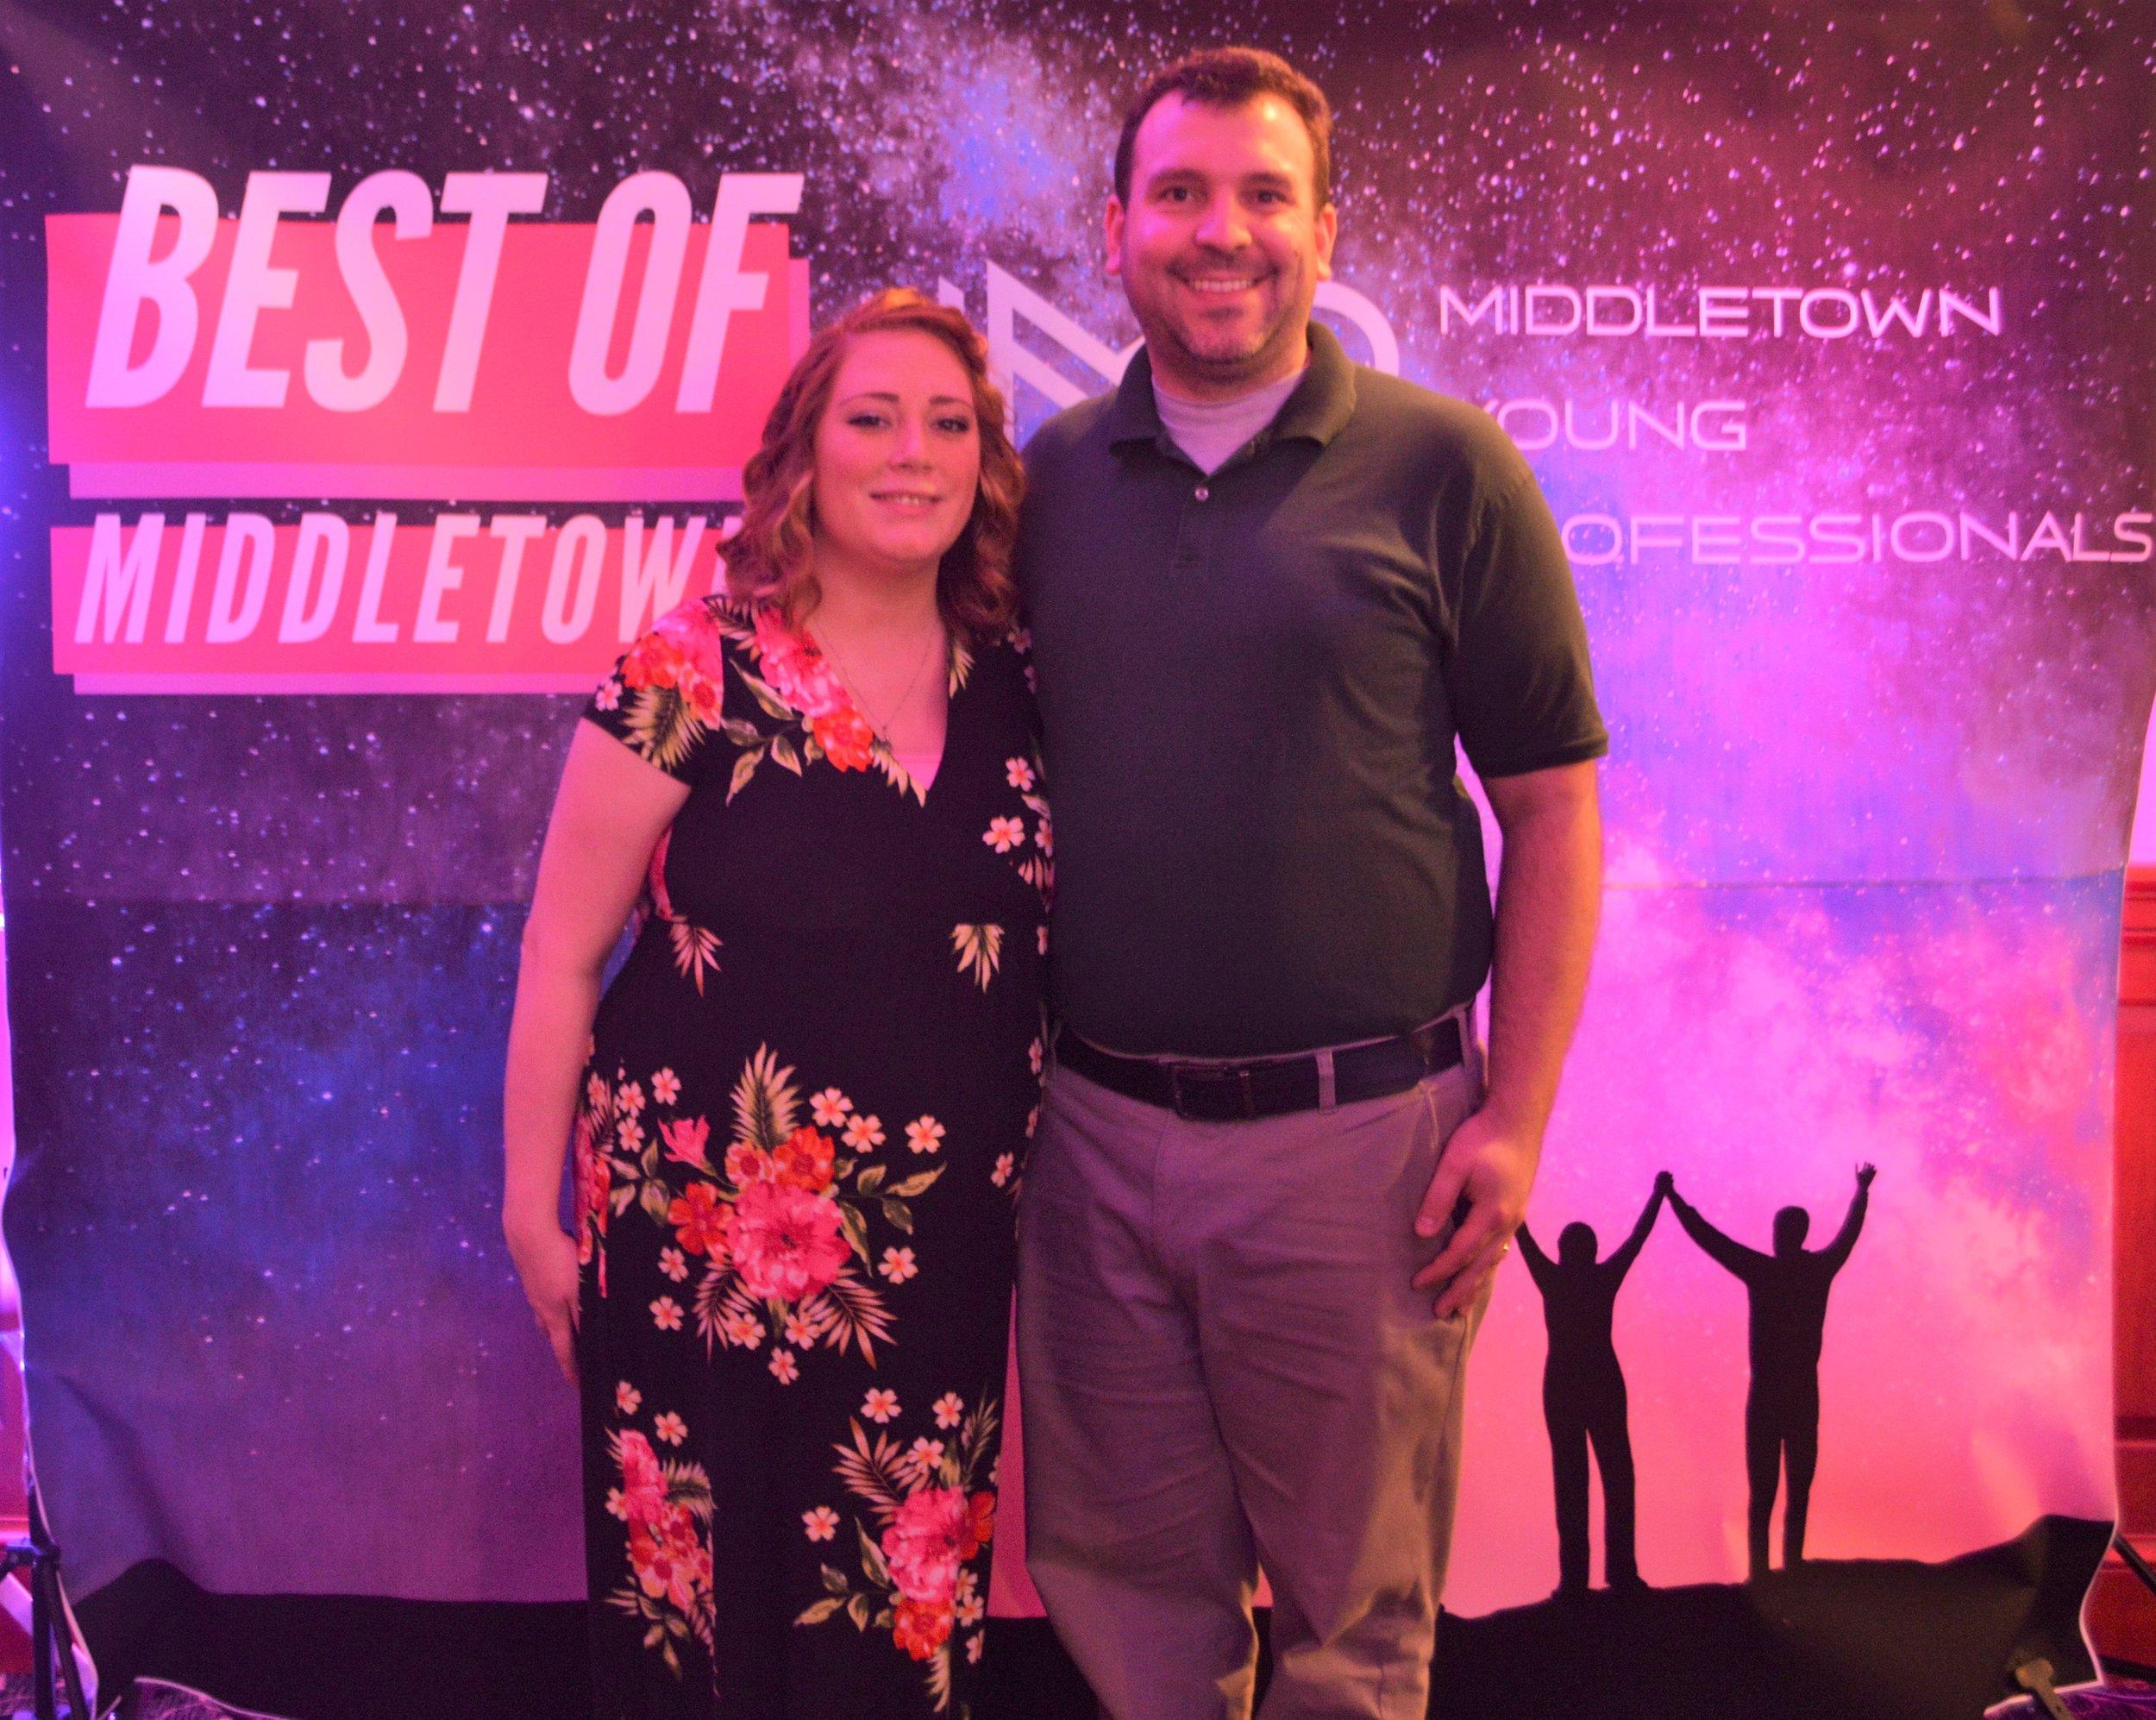 bestofmiddletown2018 (35).JPG